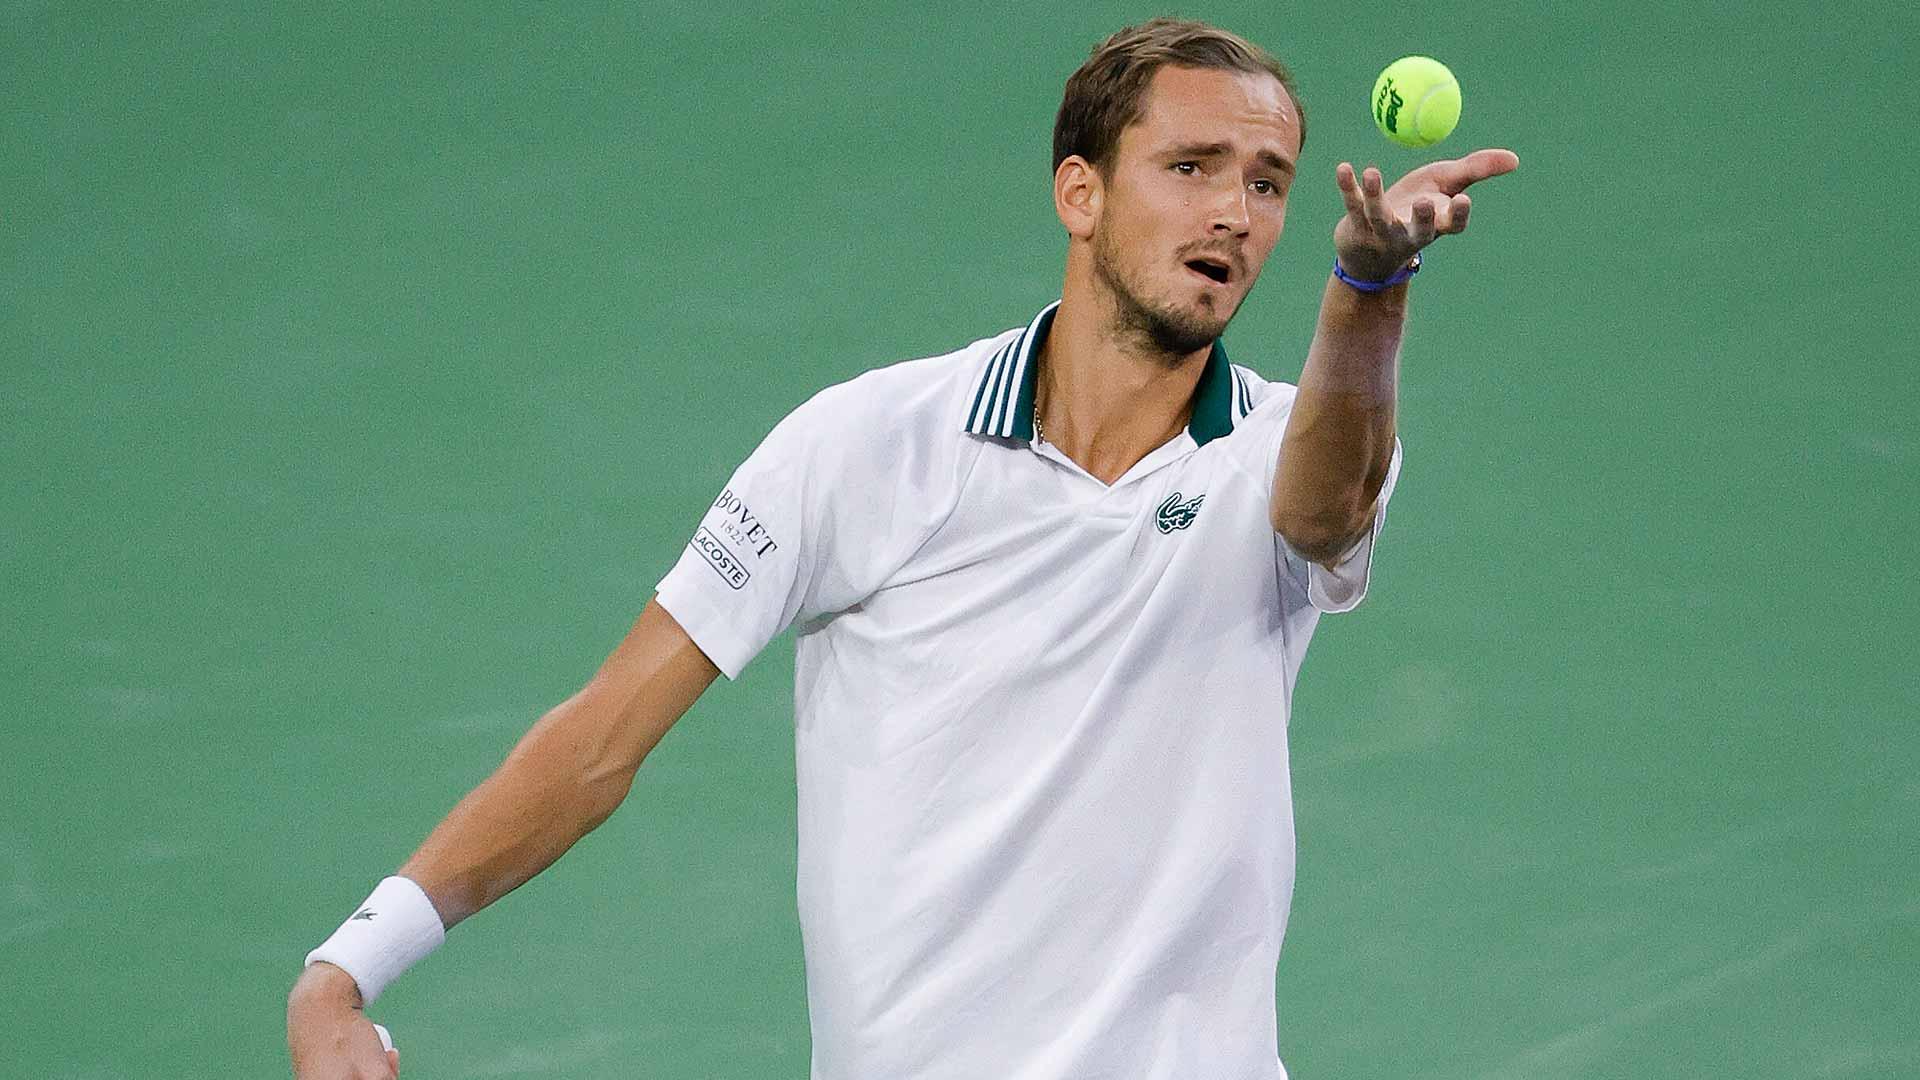 medvedev indian wells 2021 saturday serve - ATP Indian Wells: Slovo prvega nosilca